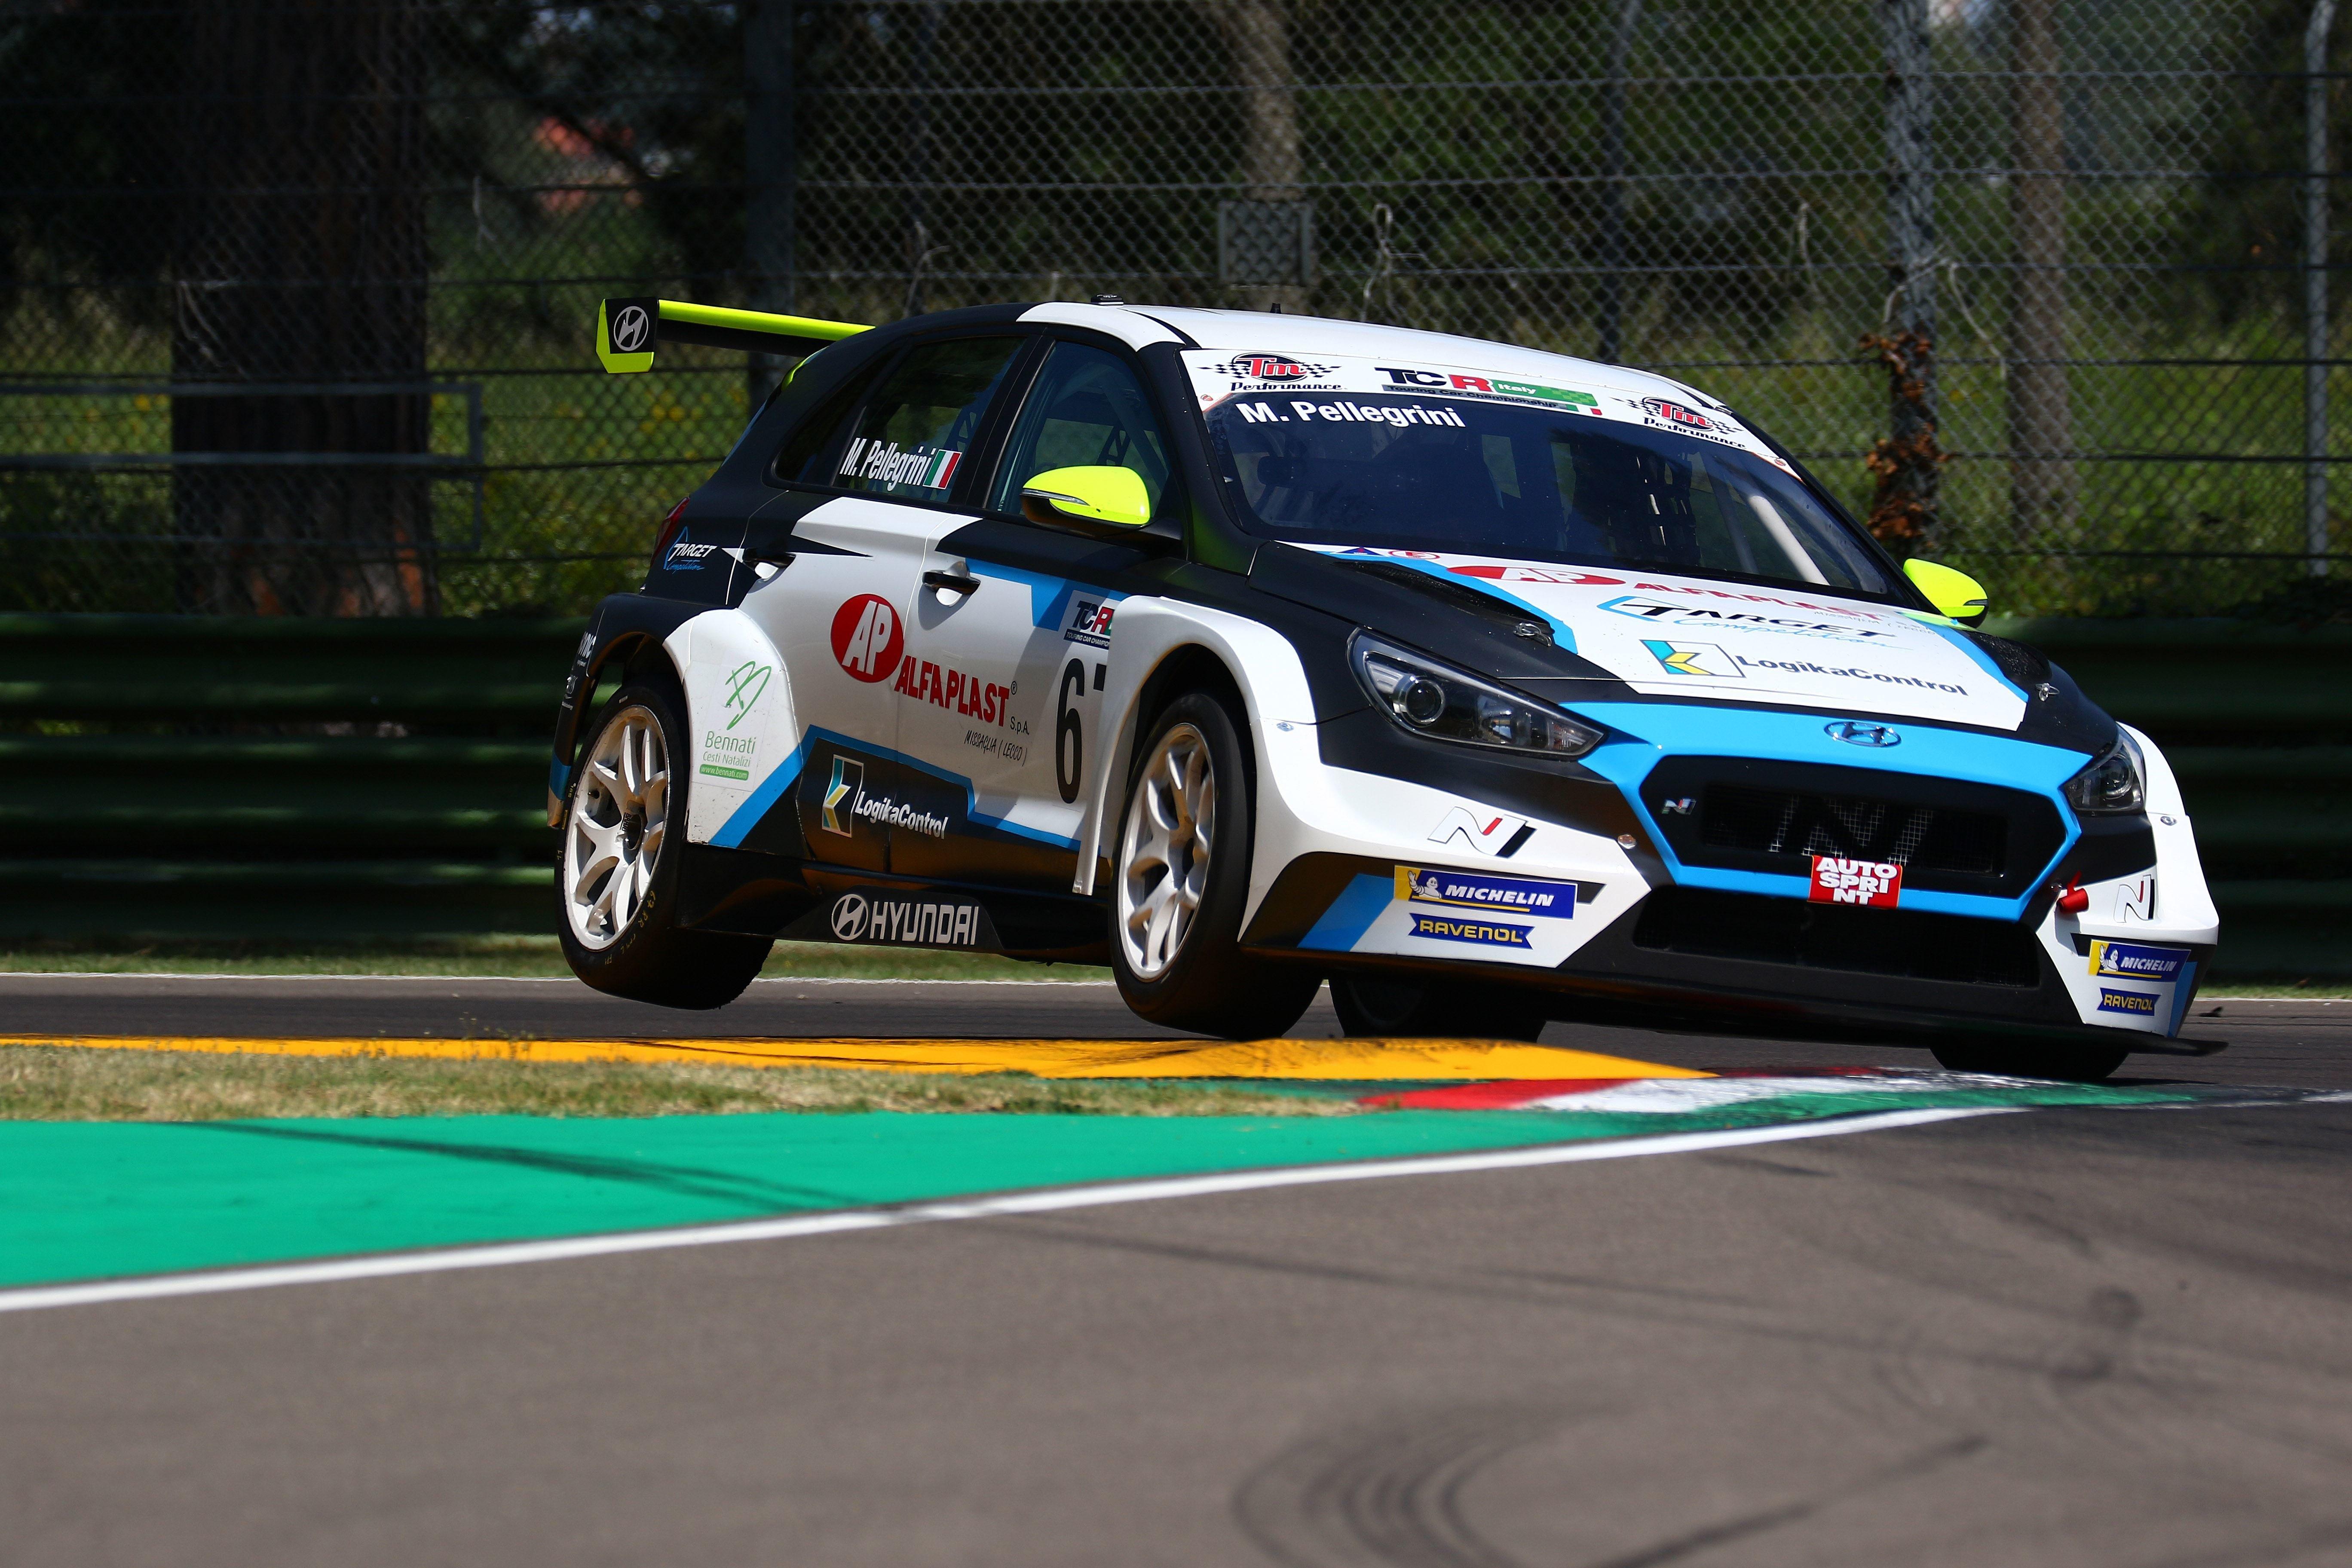 Marco Pellegrini - TCR Italy - Imola